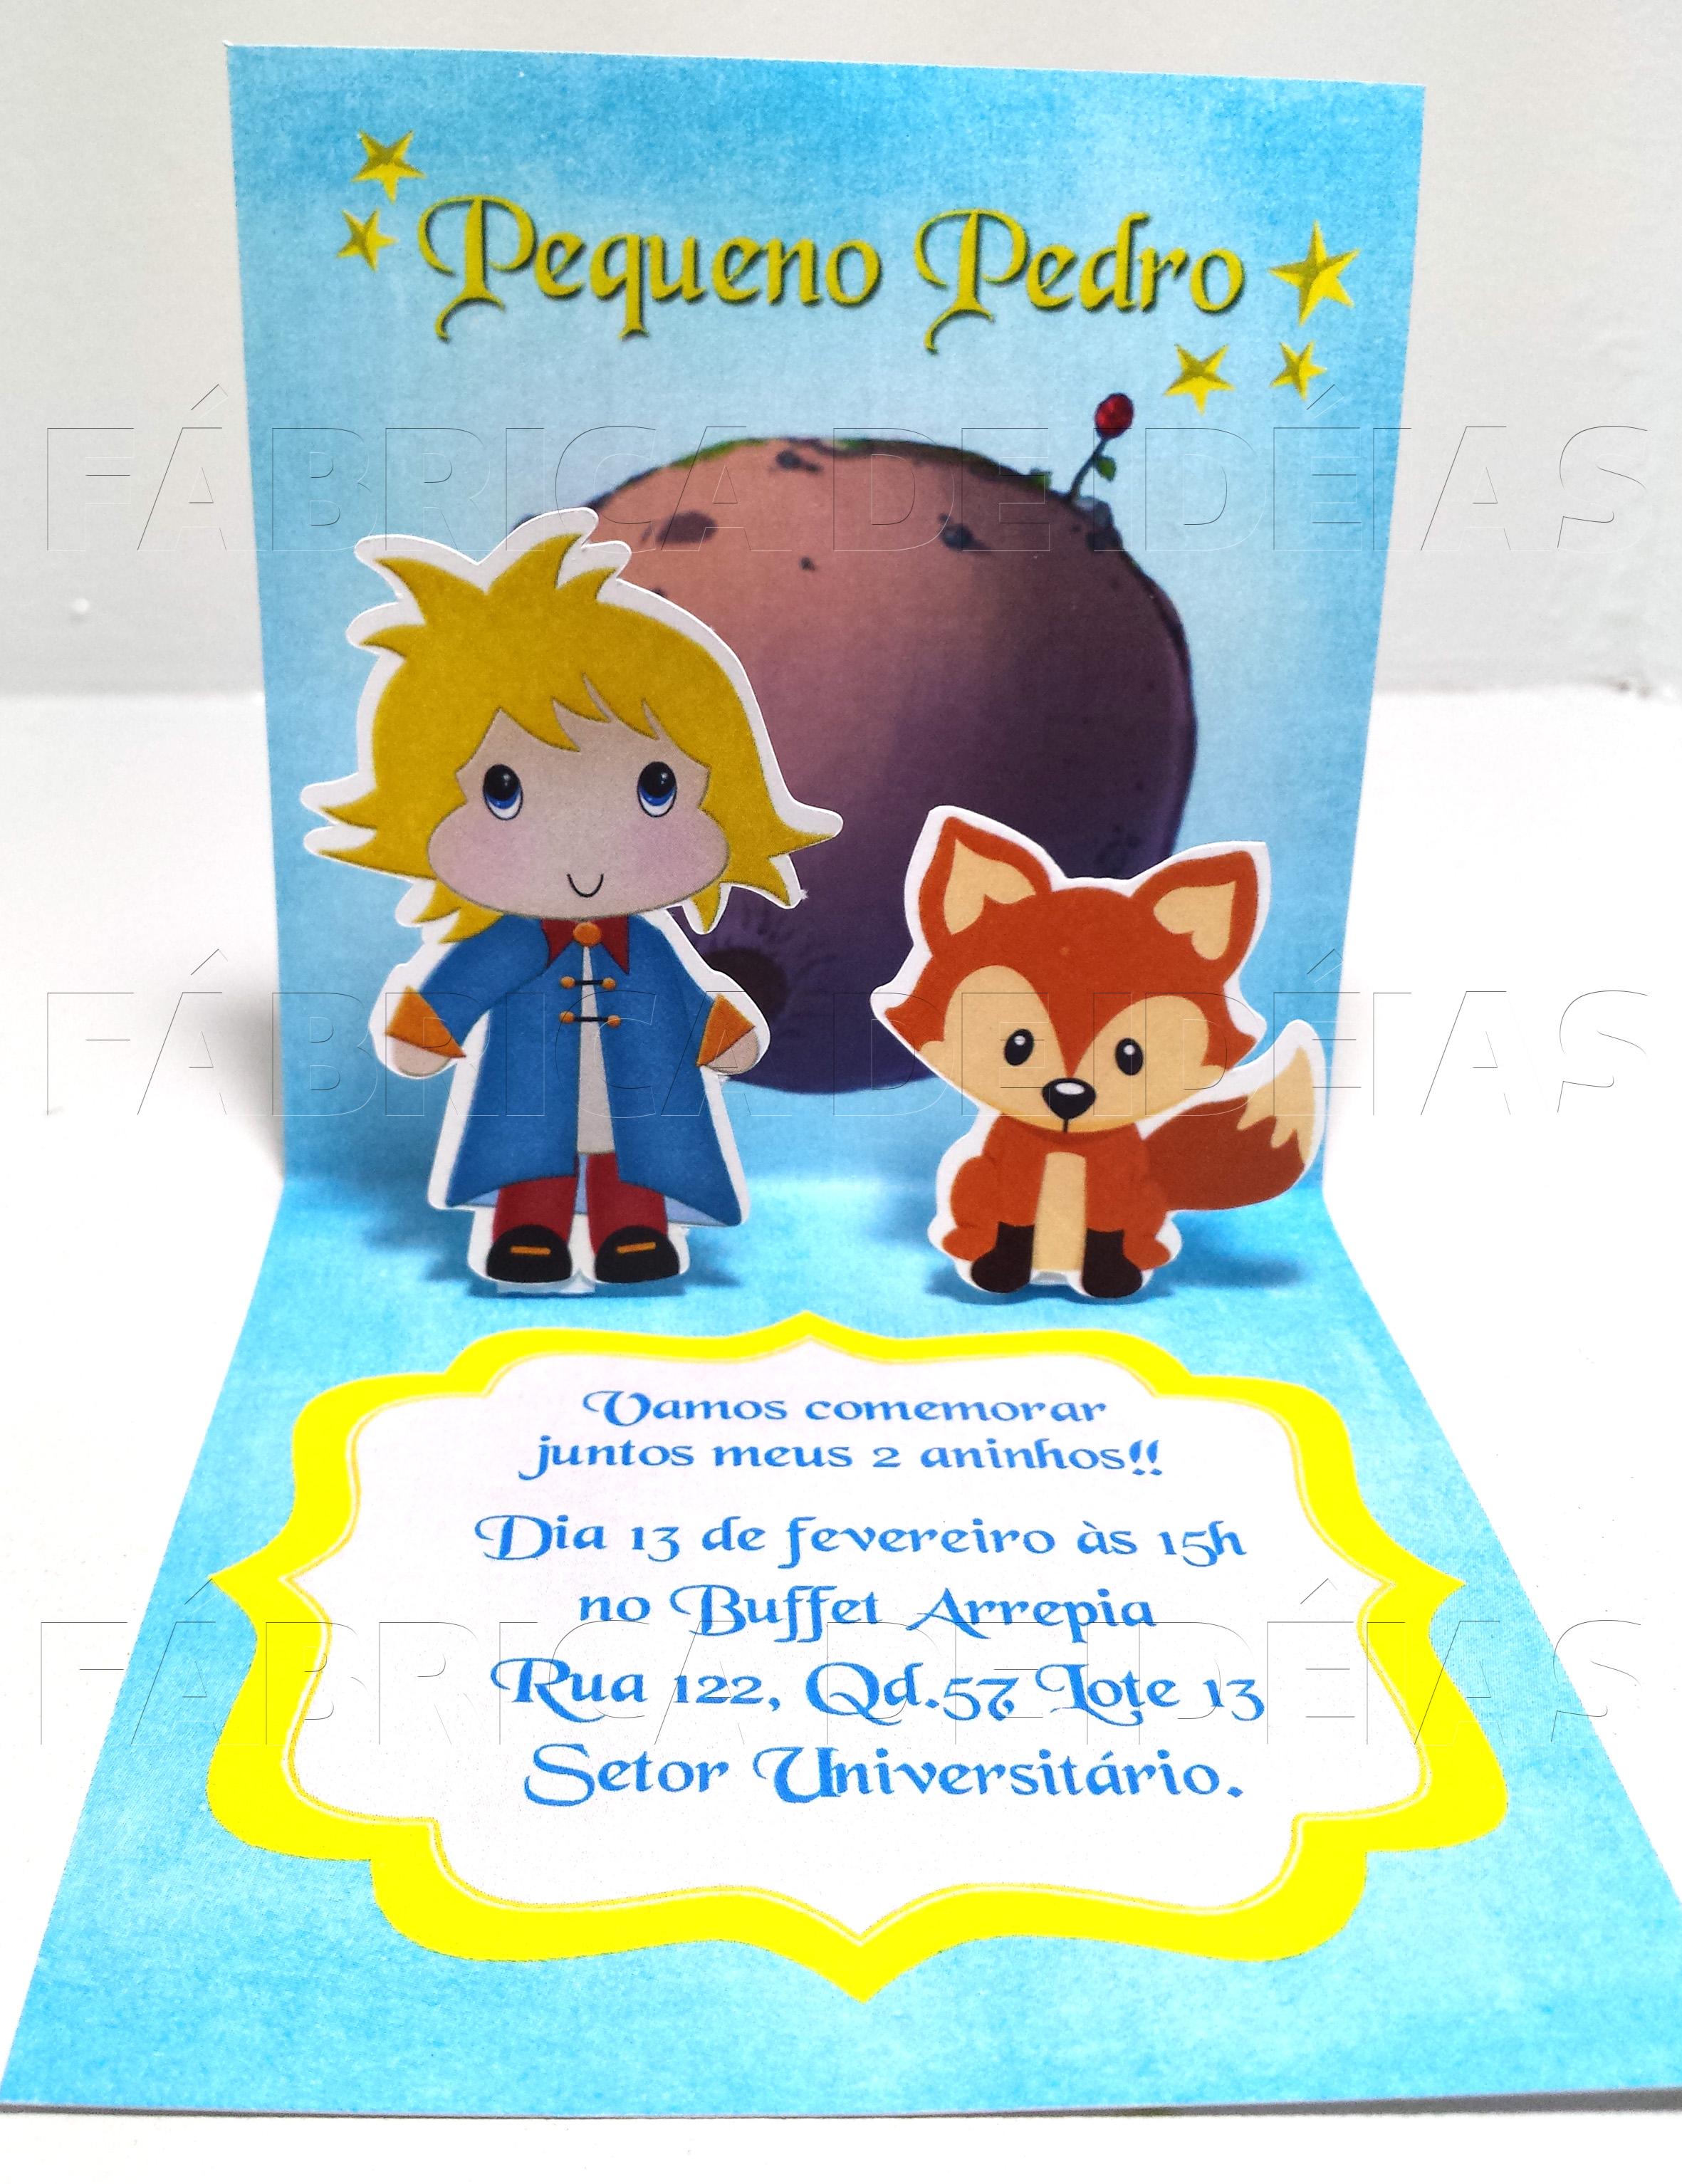 Convite Pequeno Príncipe 3D   FÁBRICA DE IDÉIAS - Produtos